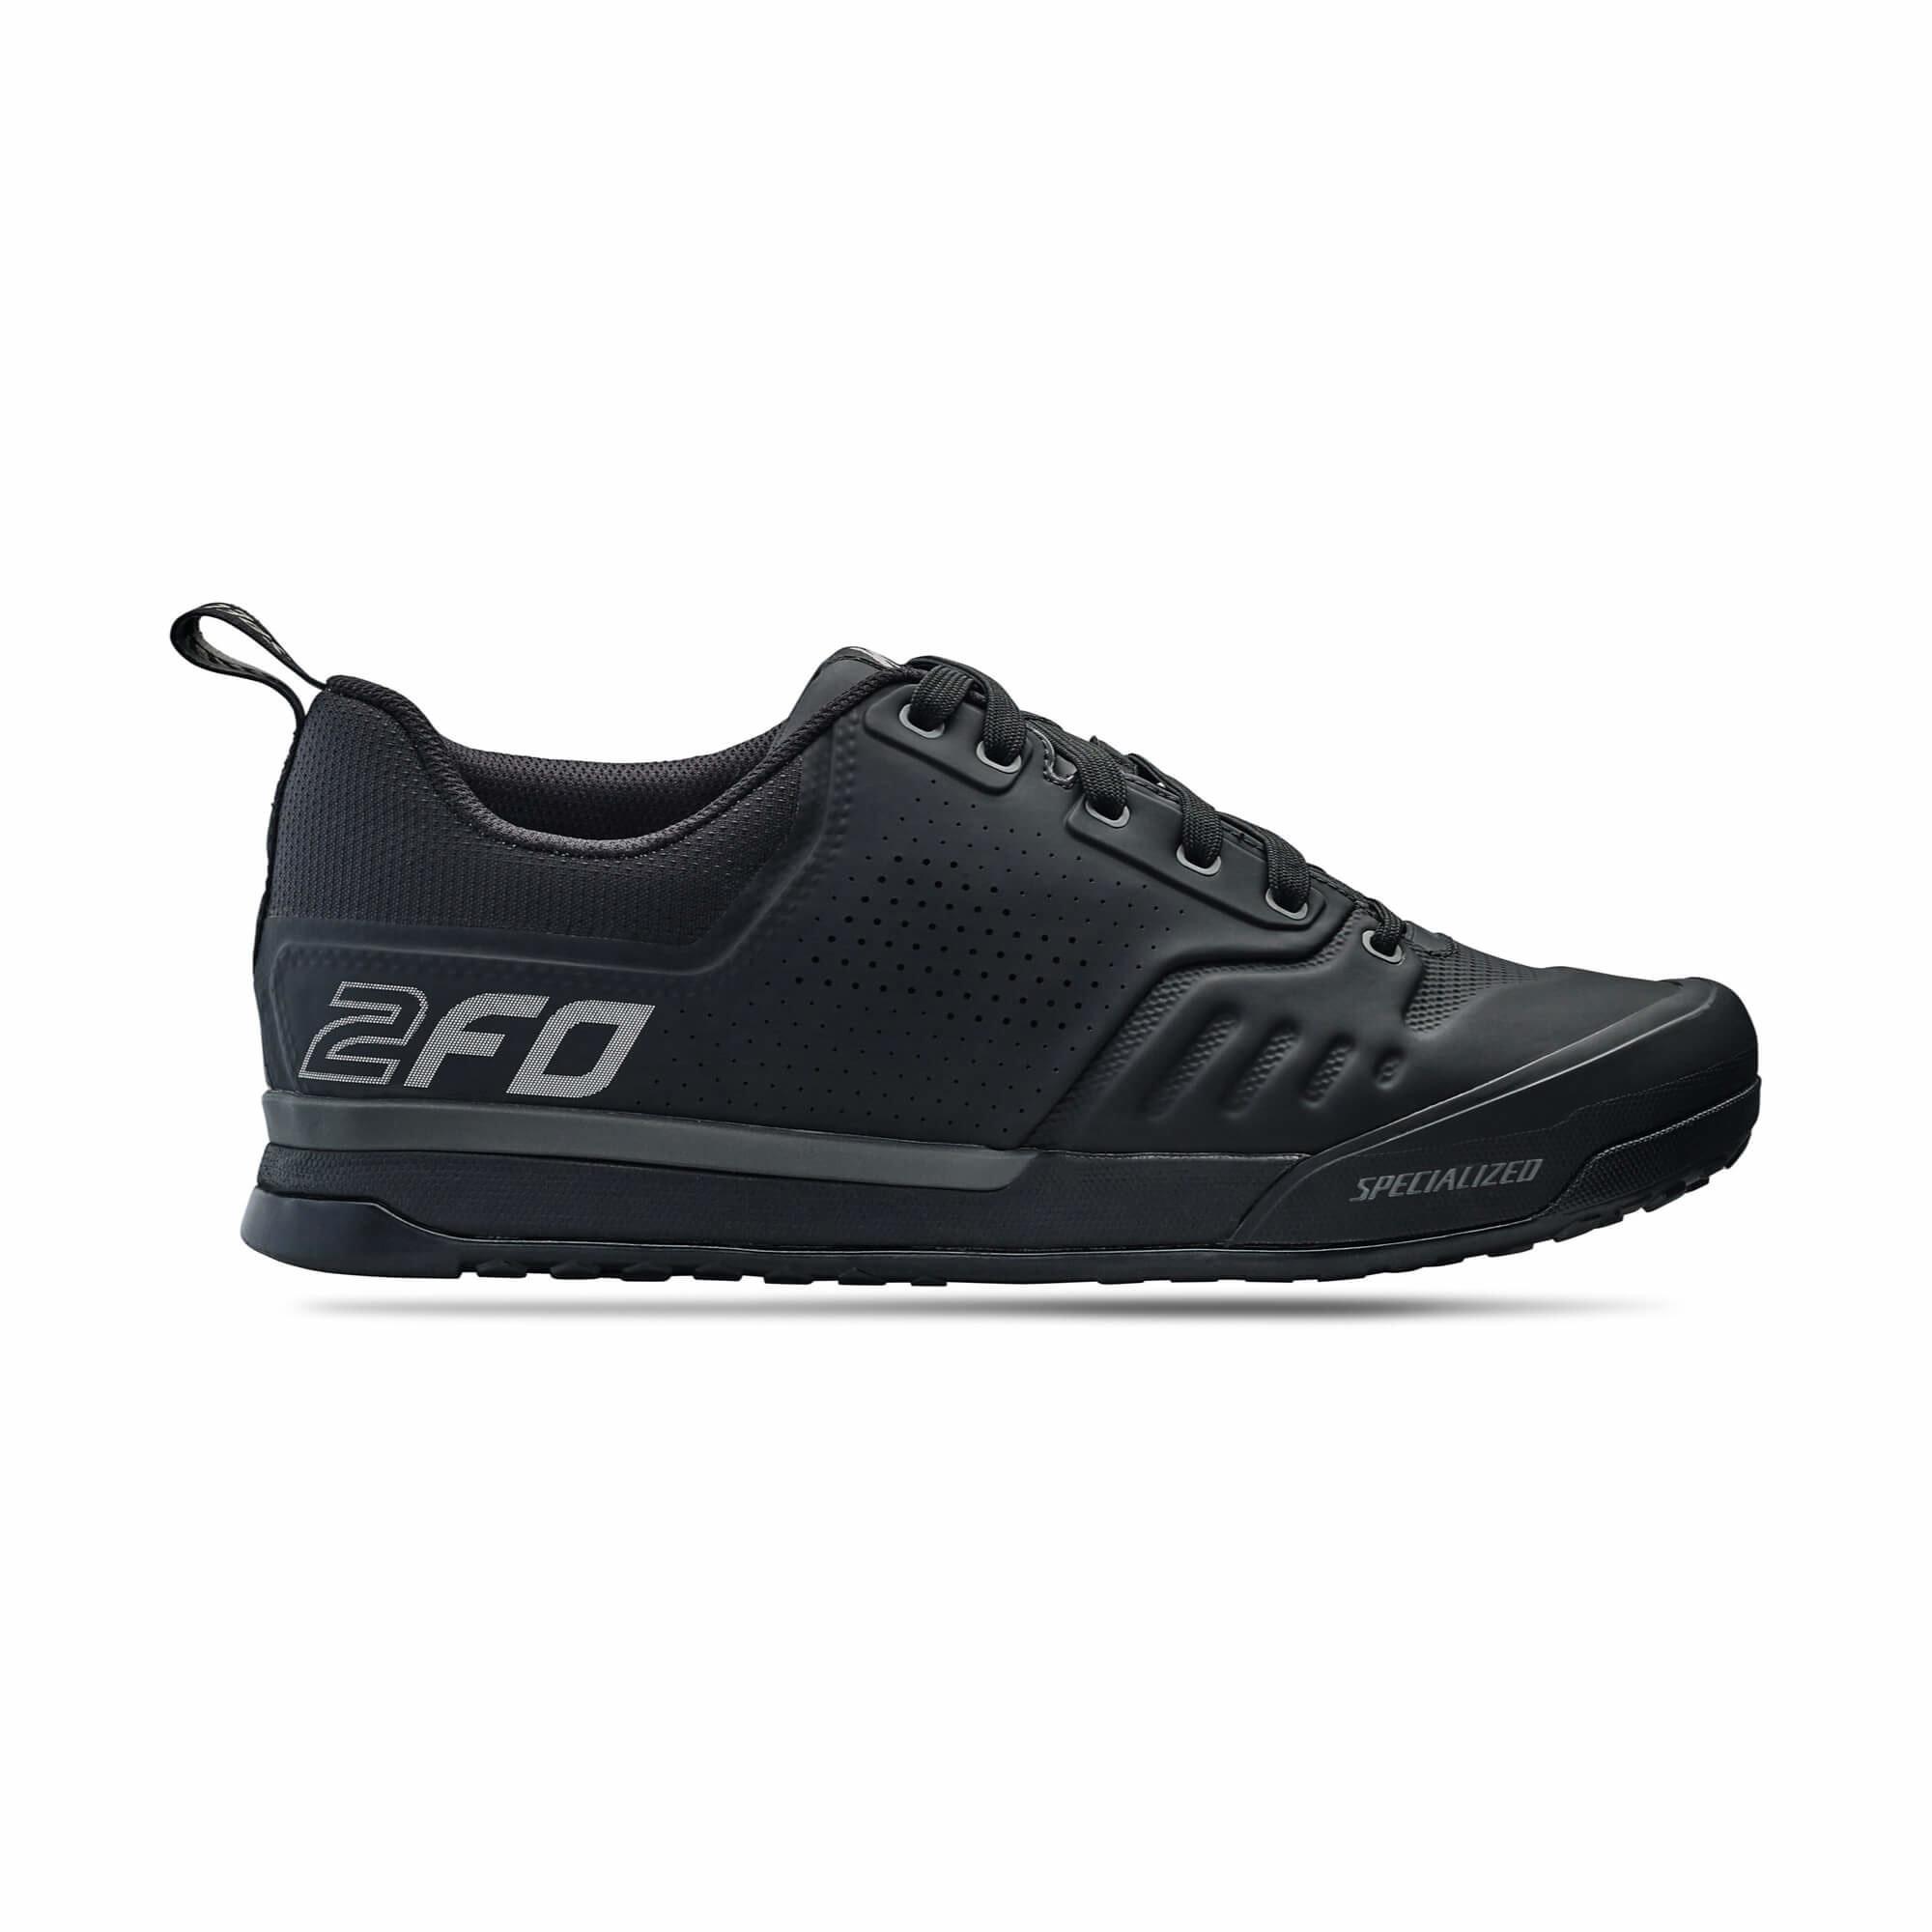 2FO Flat 2.0 MTB Shoe-10